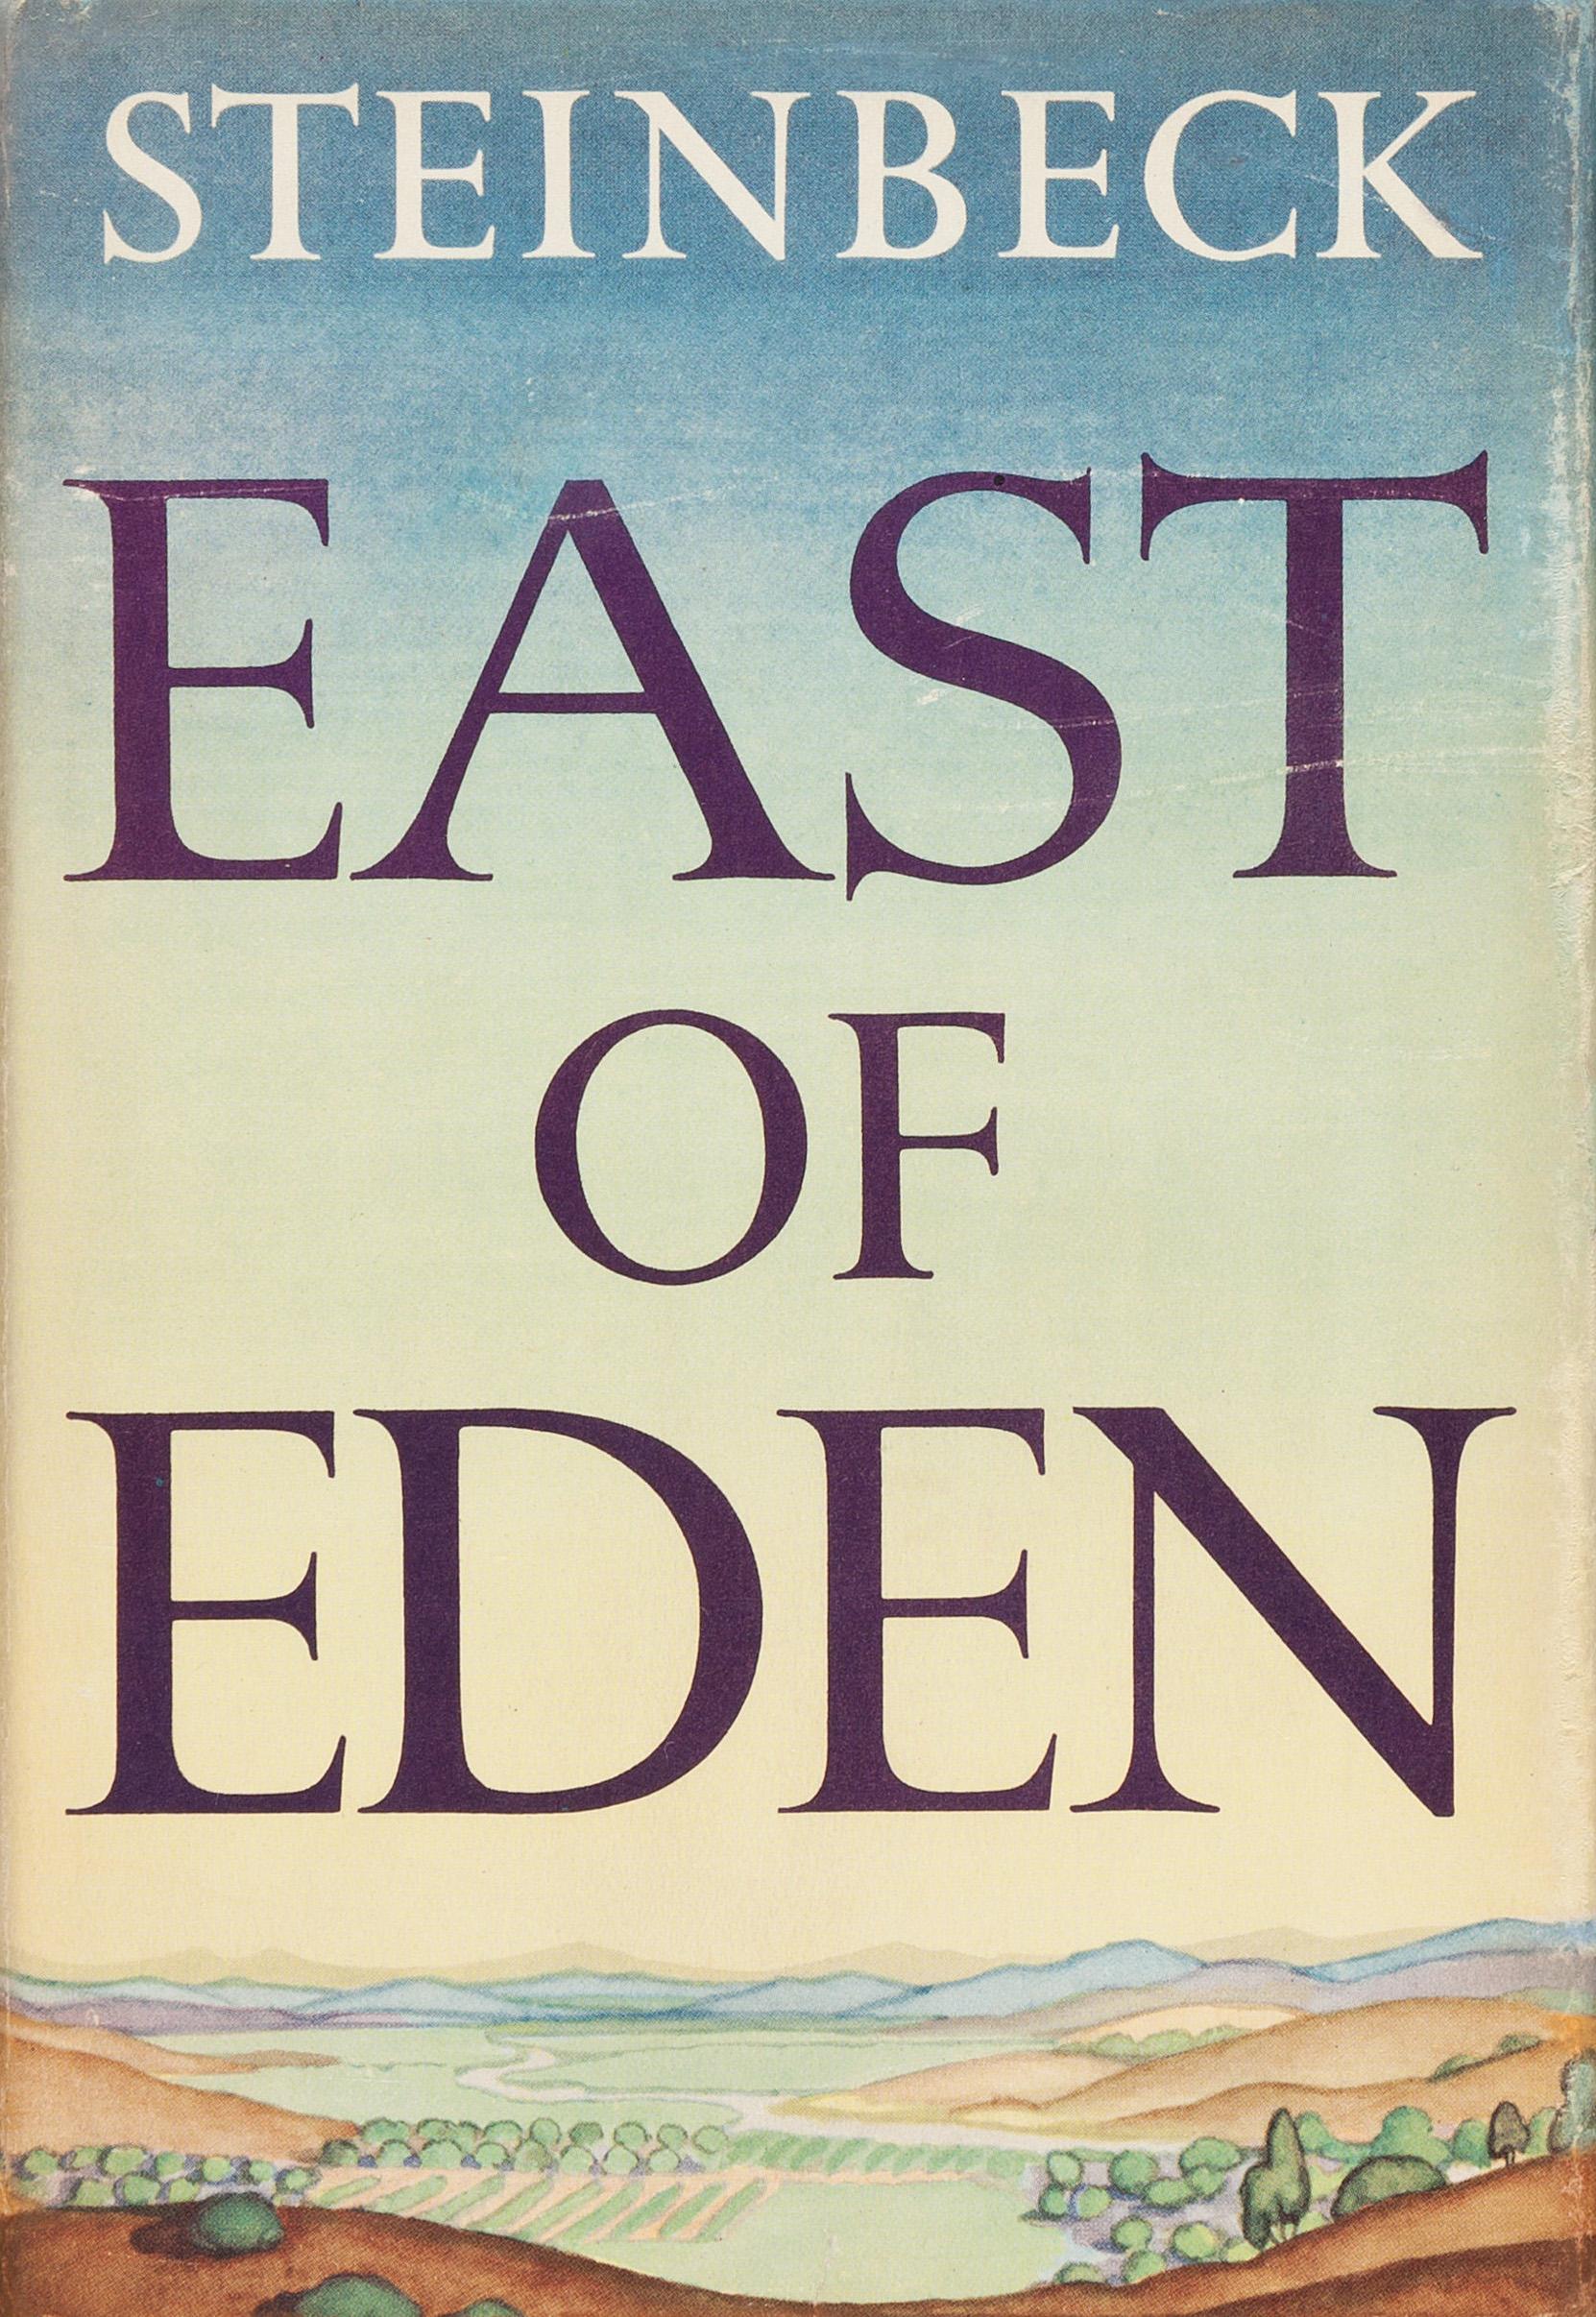 East of Eden (novel) - Wikipedia